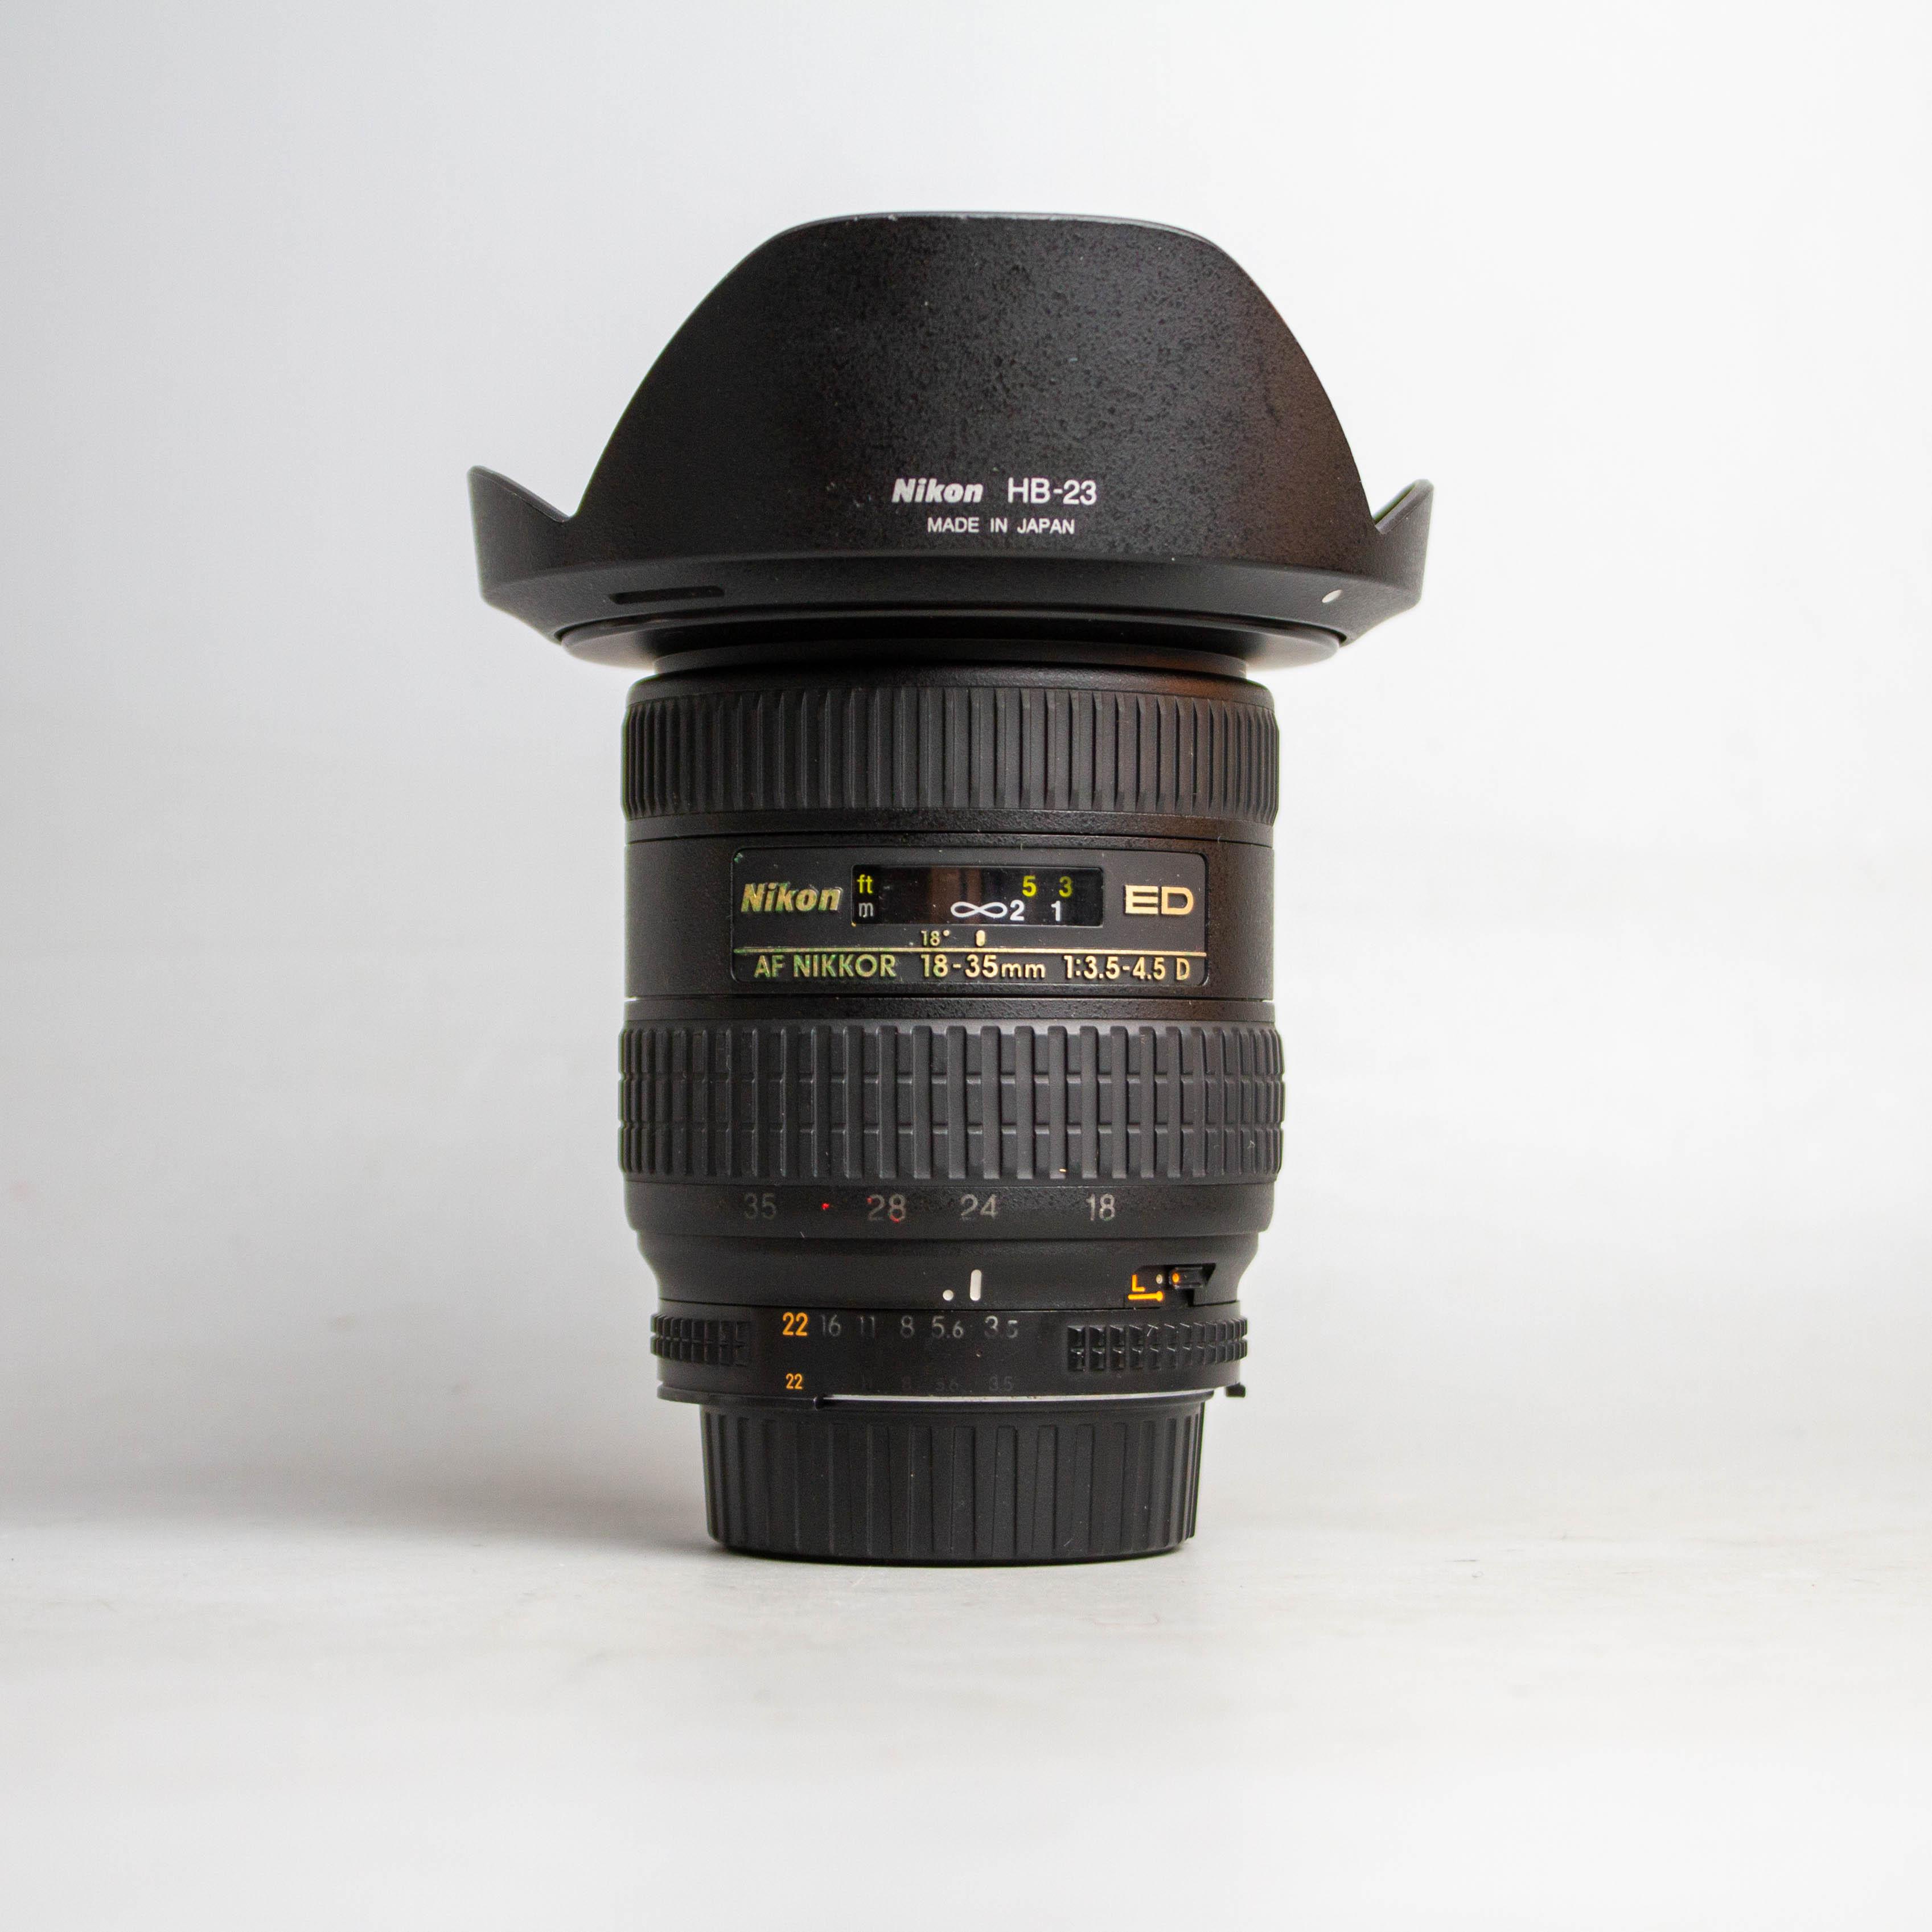 nikon-18-35mm-f3-5-4-5-ed-af-d-18-35-3-5-4-5